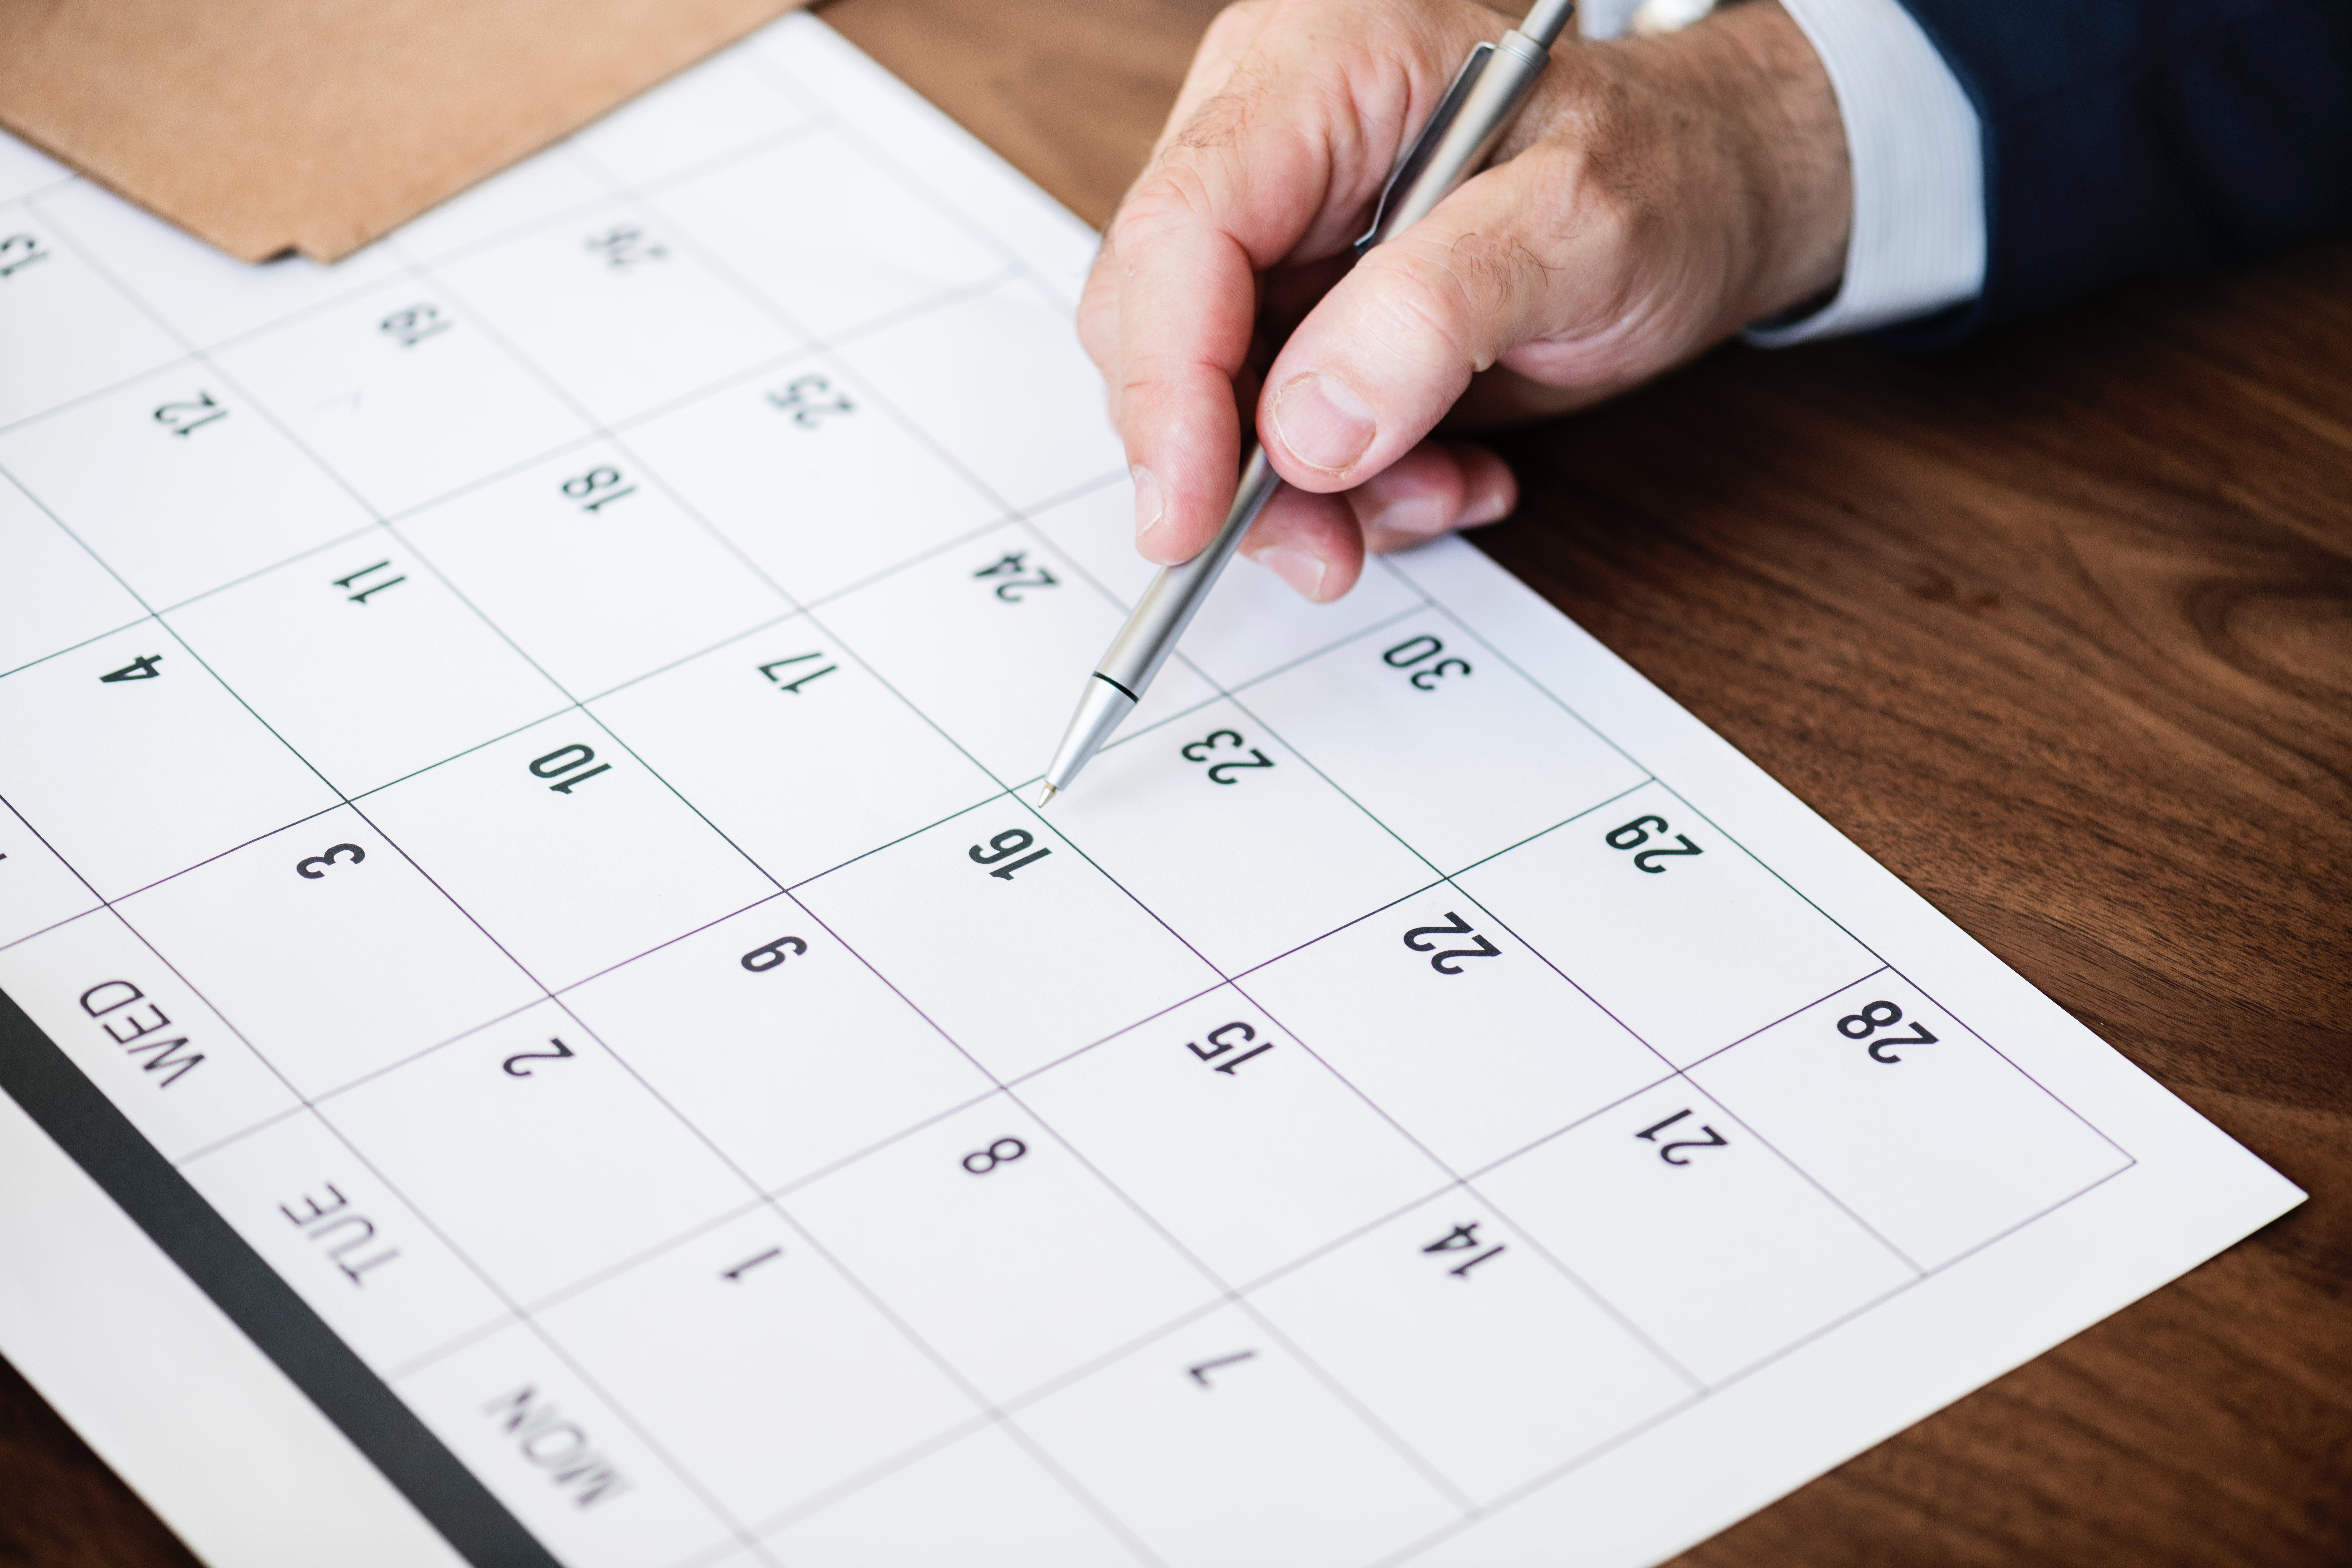 カレンダーと向き合う男性